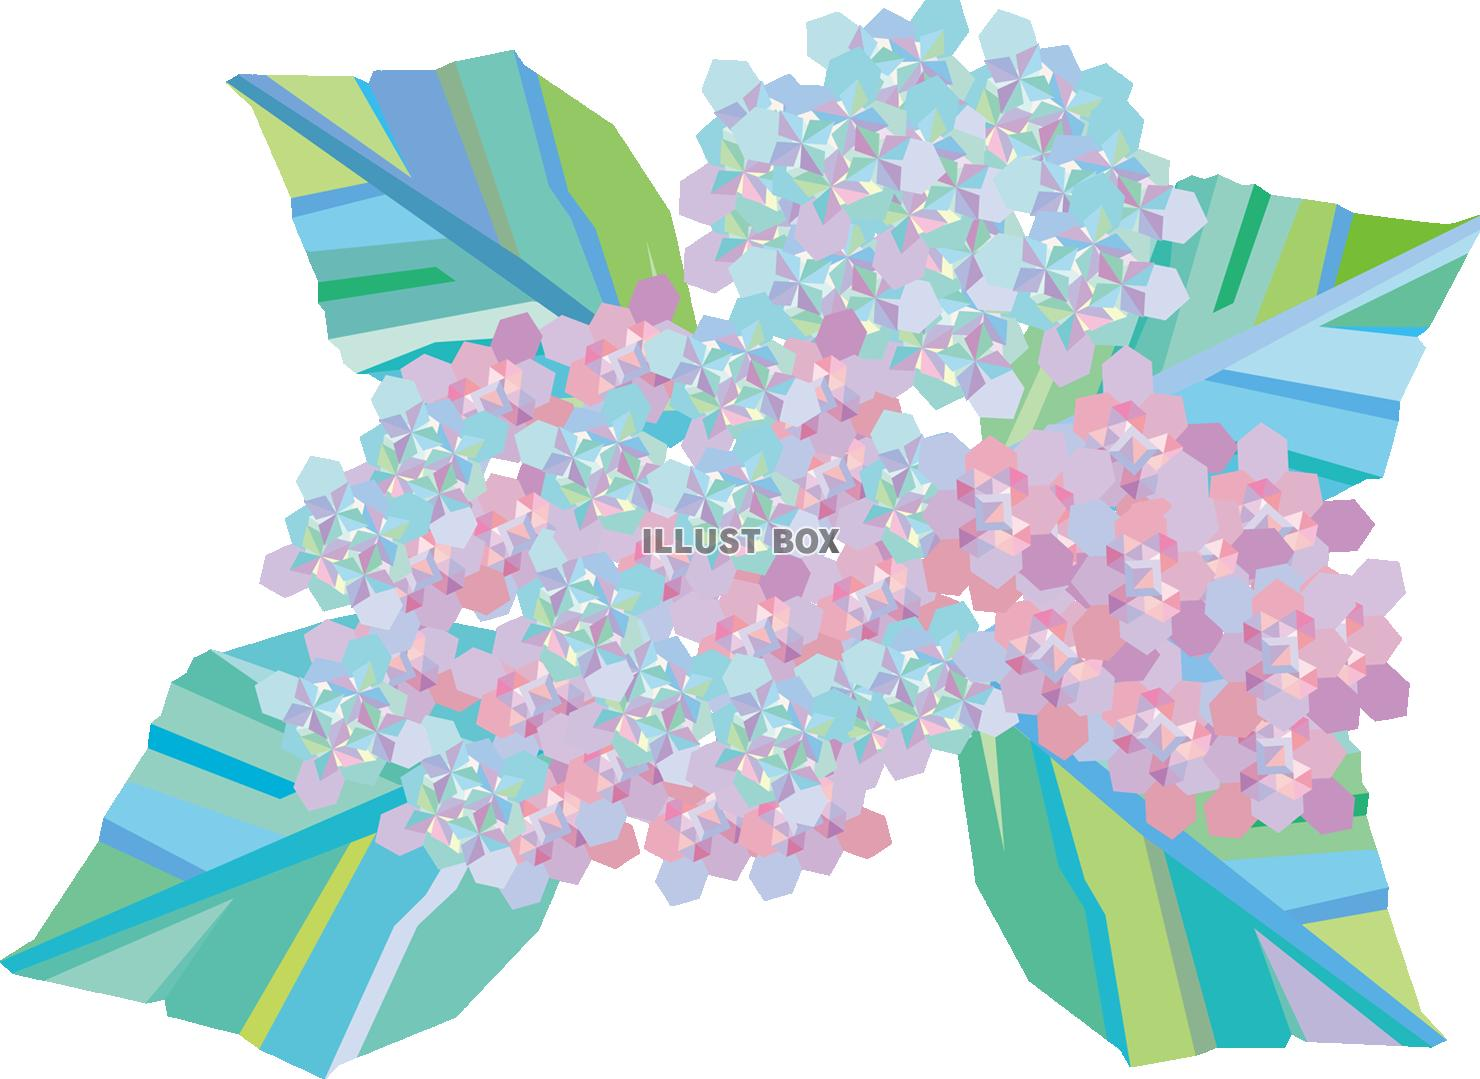 無料イラスト 透過png透過png梅雨6月6月6月紫陽花あじさいアジサ